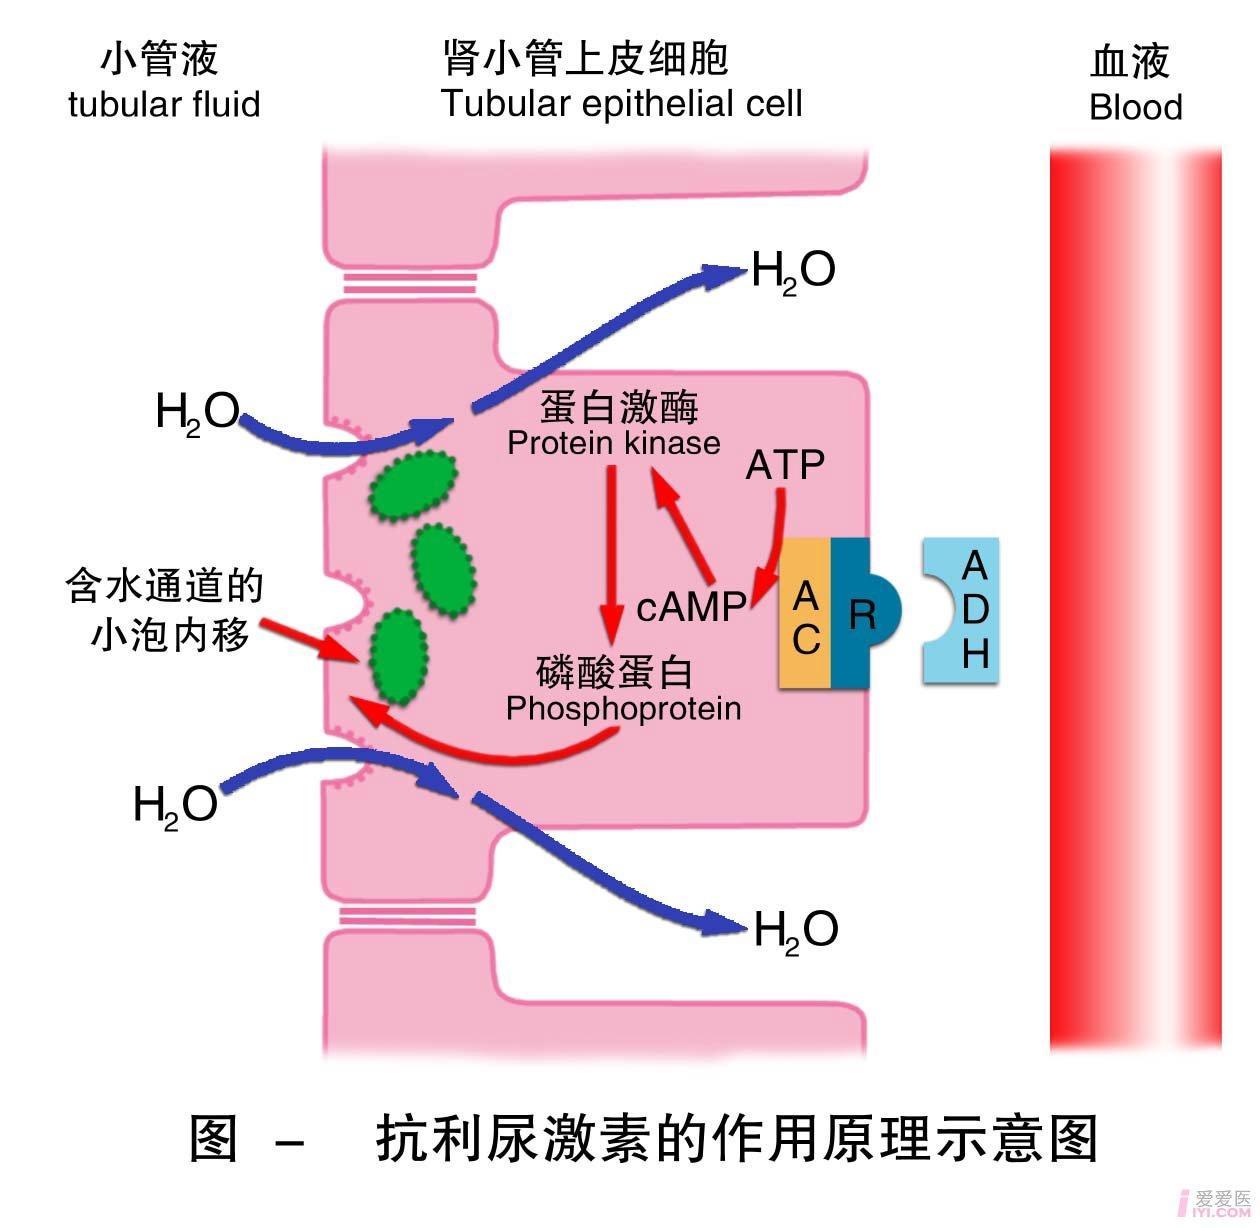 17-抗利尿激素的作用原理示意图 .jpg